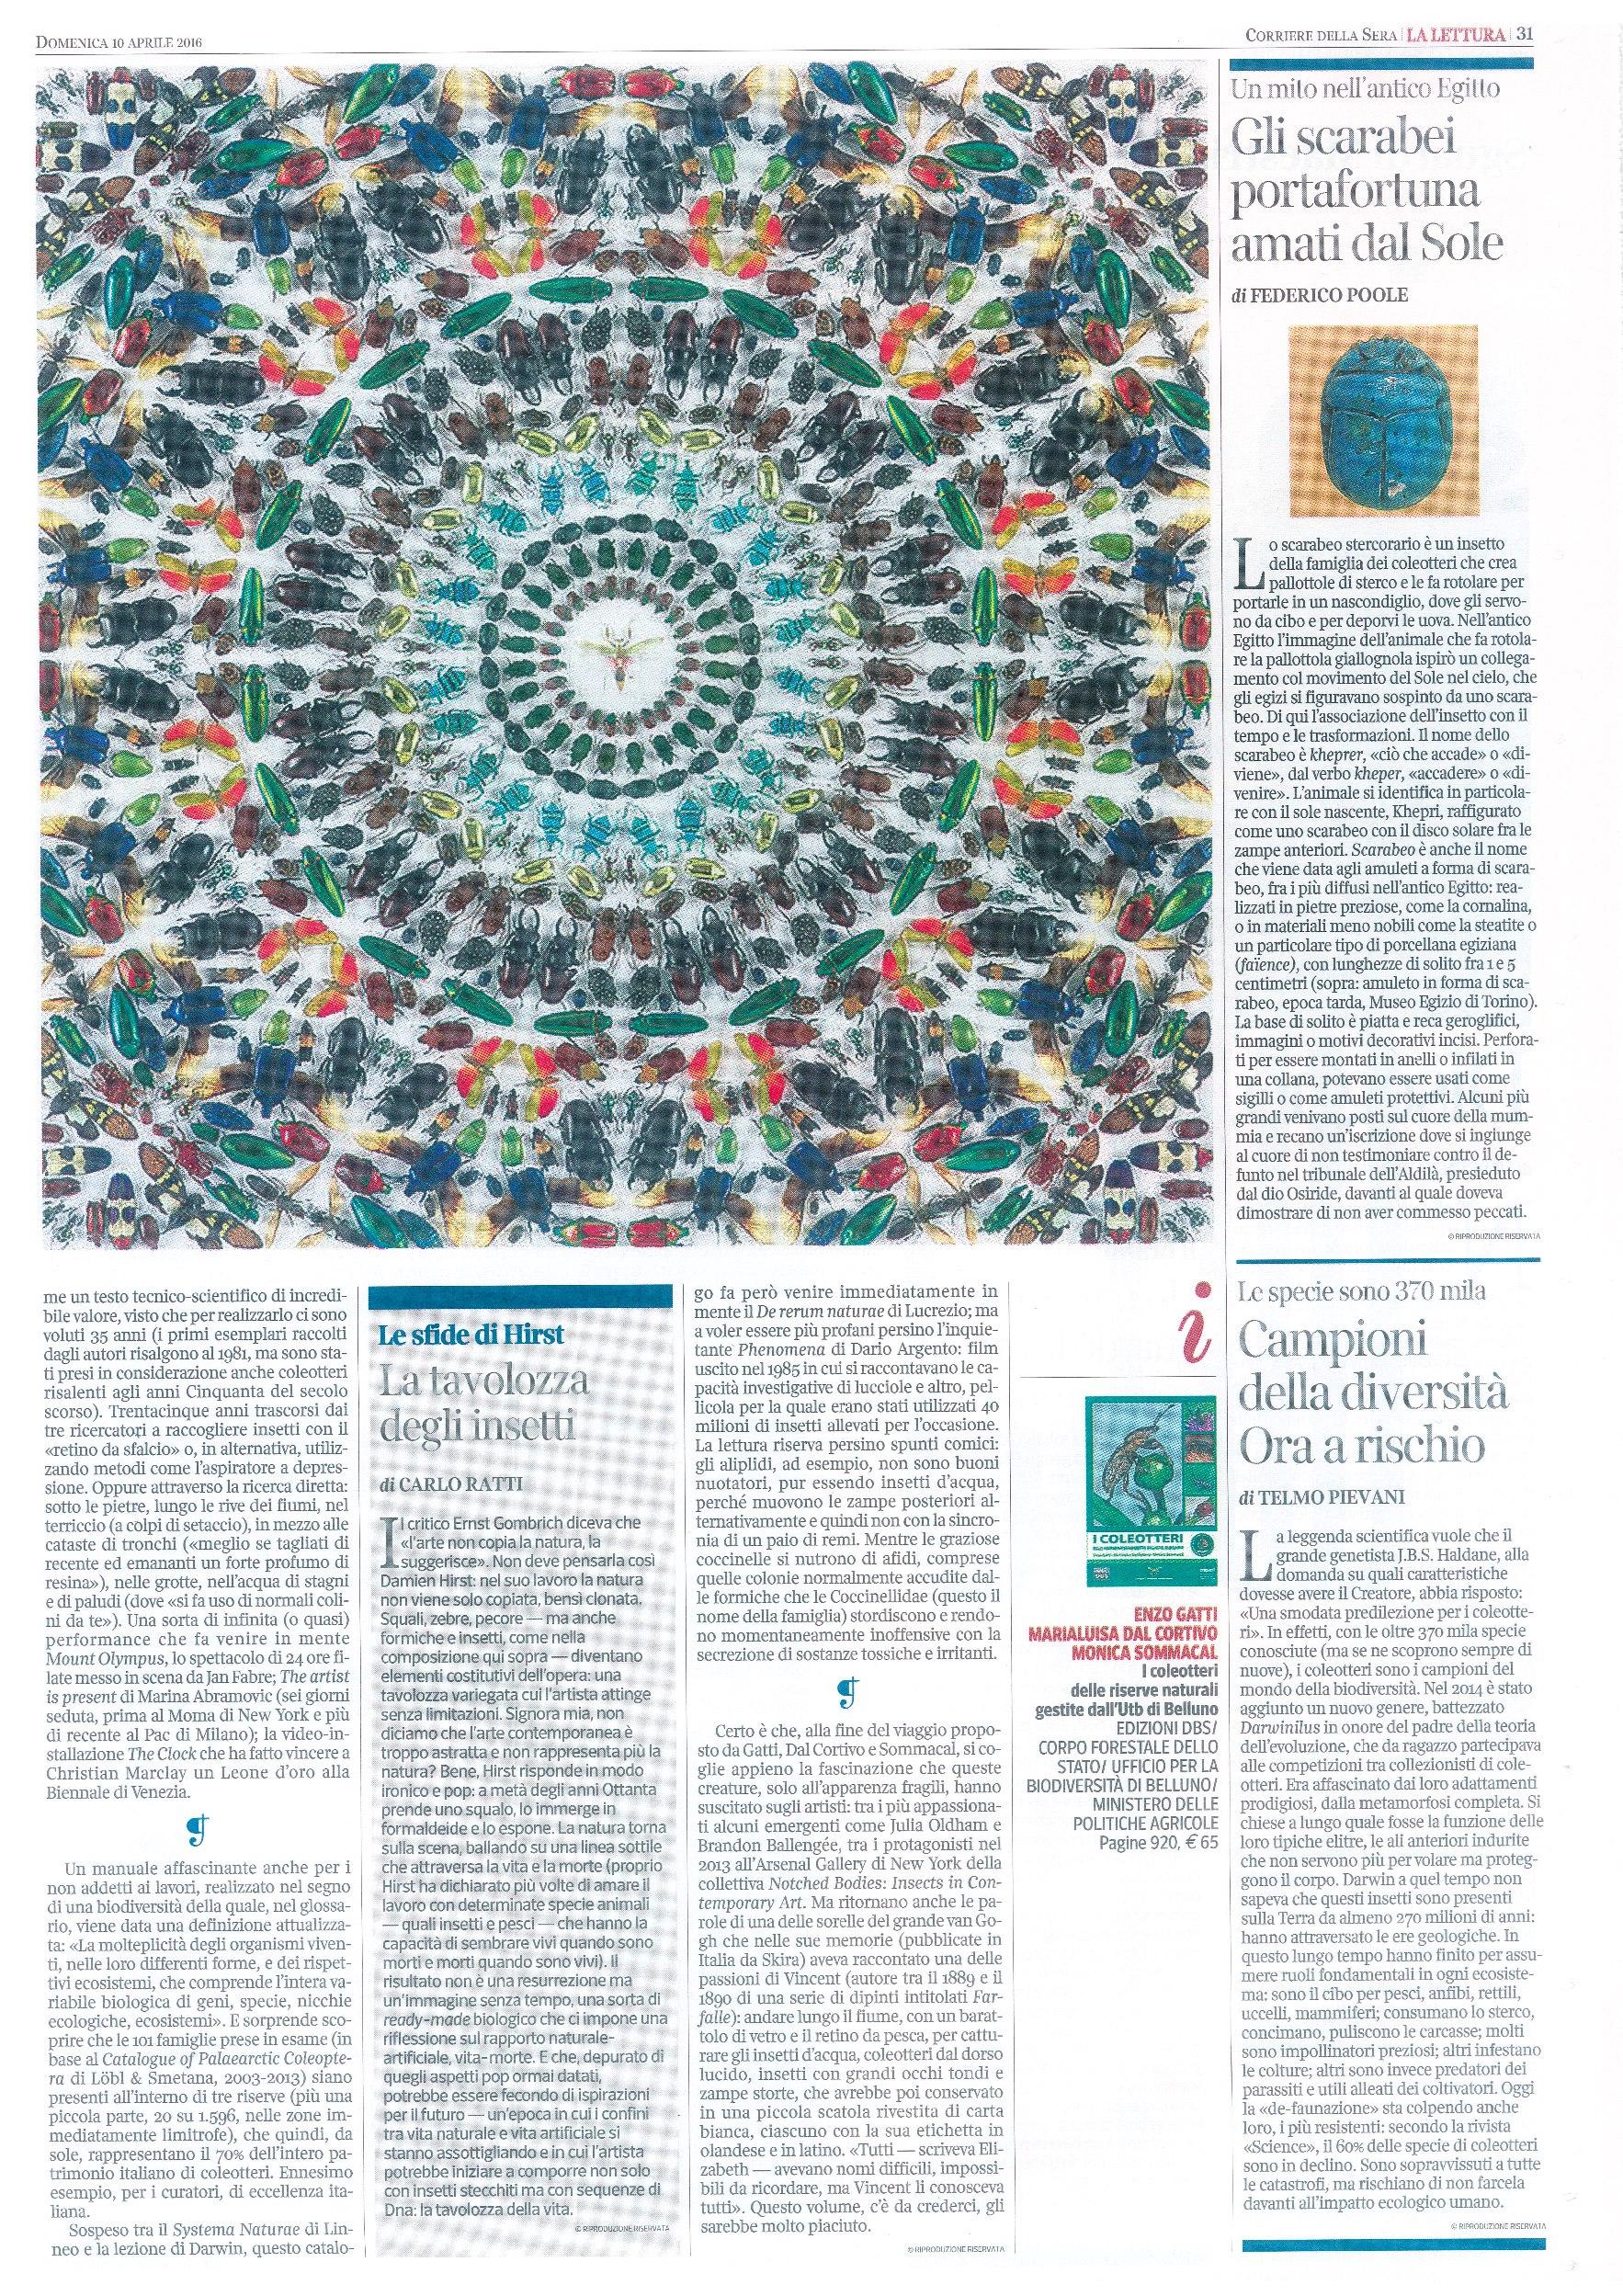 Corriere pagine 2 Coleotteri_R